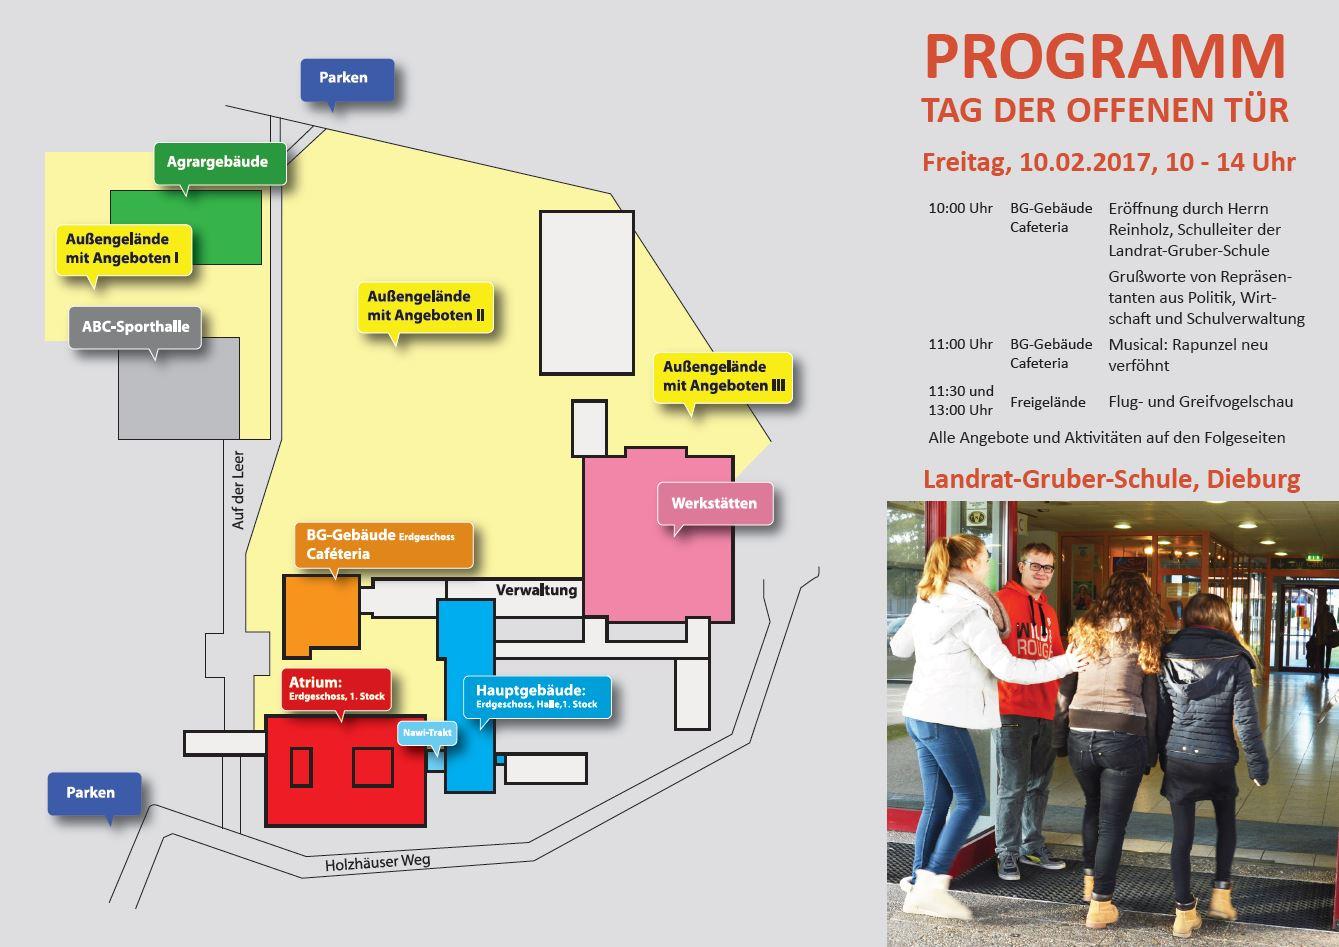 Landrat-Gruber-Schule, Dieburg